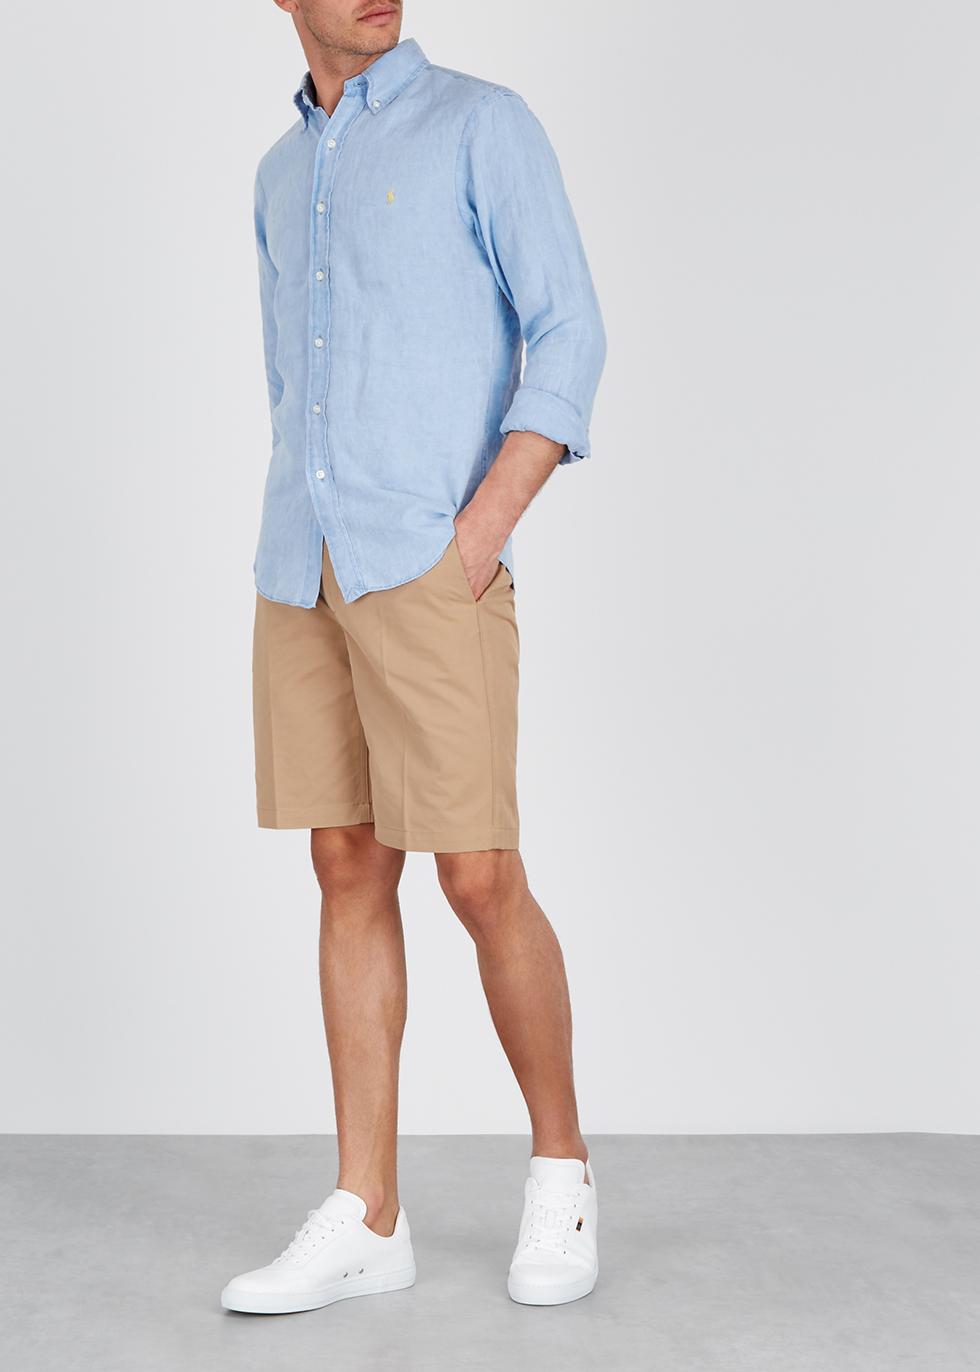 Light blue slim linen shirt - Polo Ralph Lauren